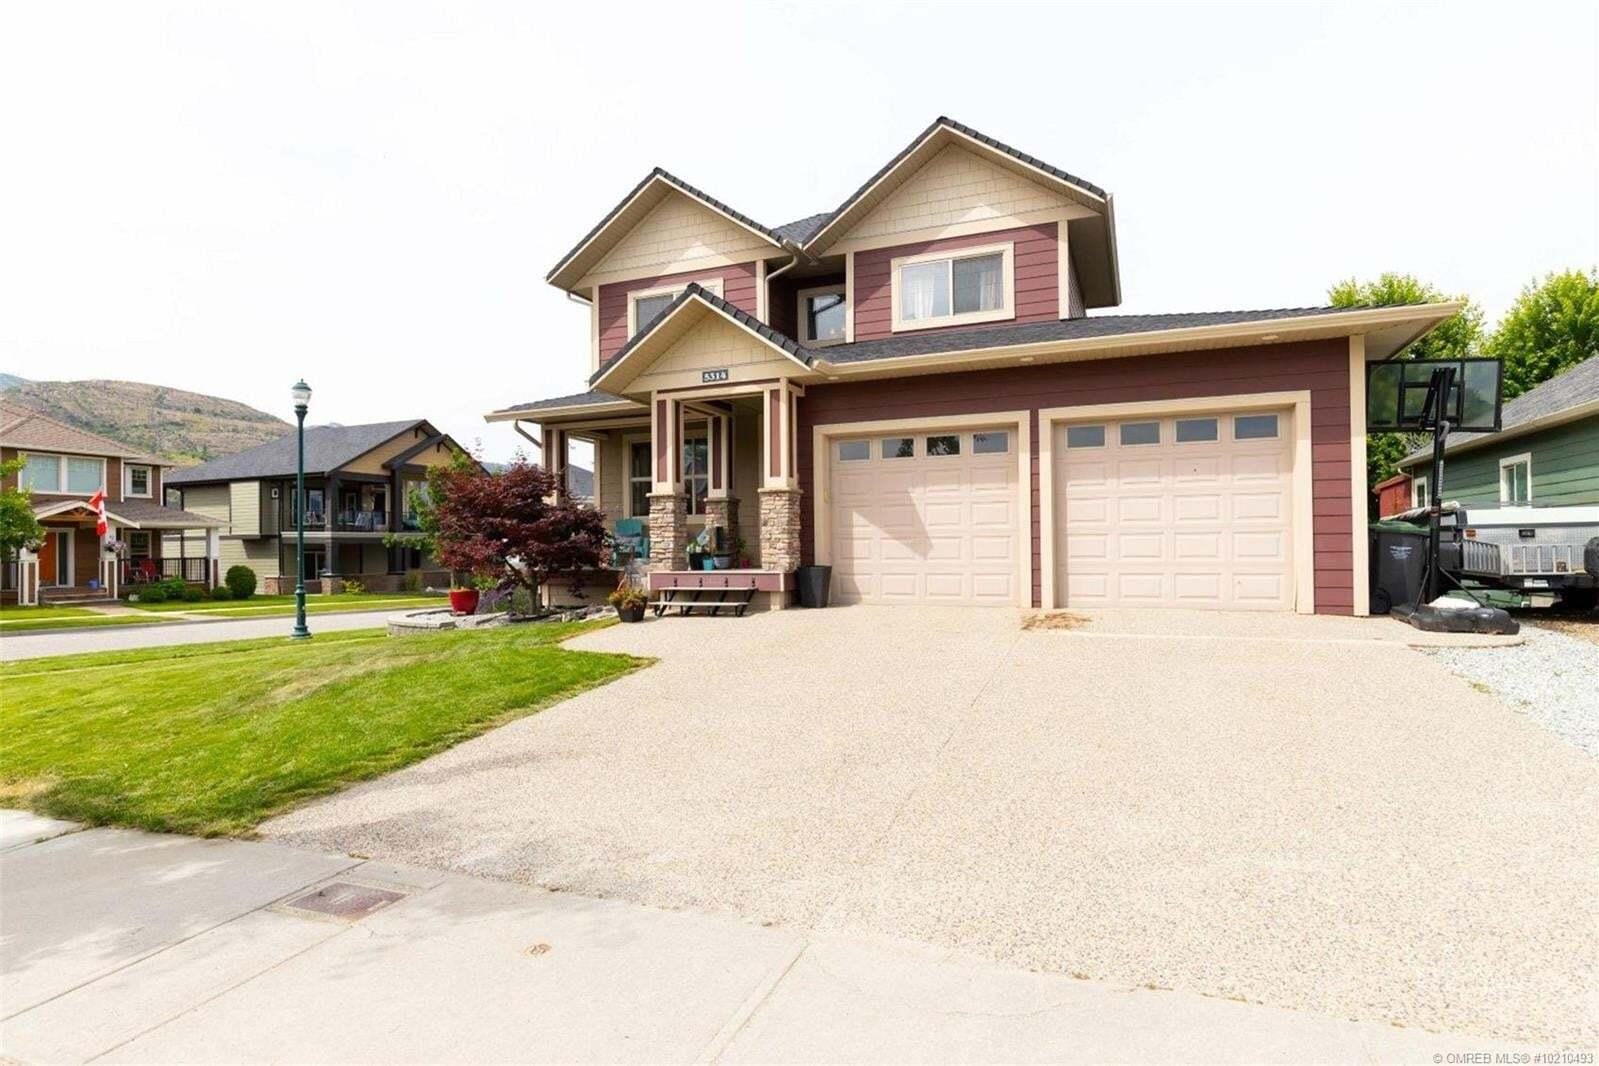 House for sale at 5314 Ptarmigan St Kelowna British Columbia - MLS: 10210493